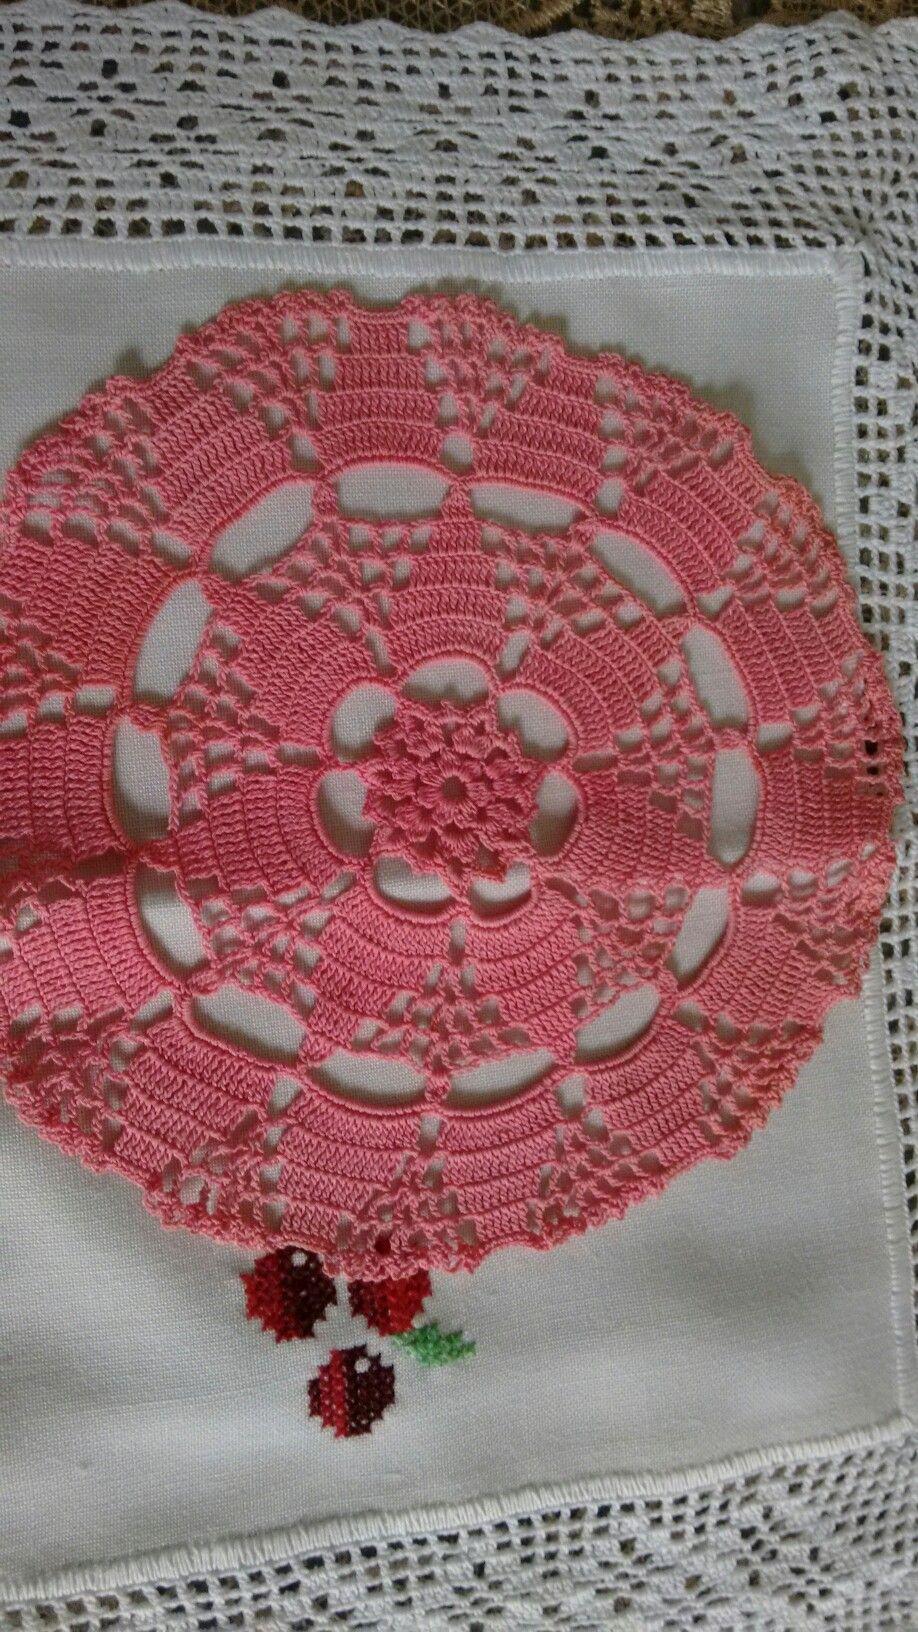 Pin von Lúcia Rabelo auf Sousplat em crochê | Pinterest